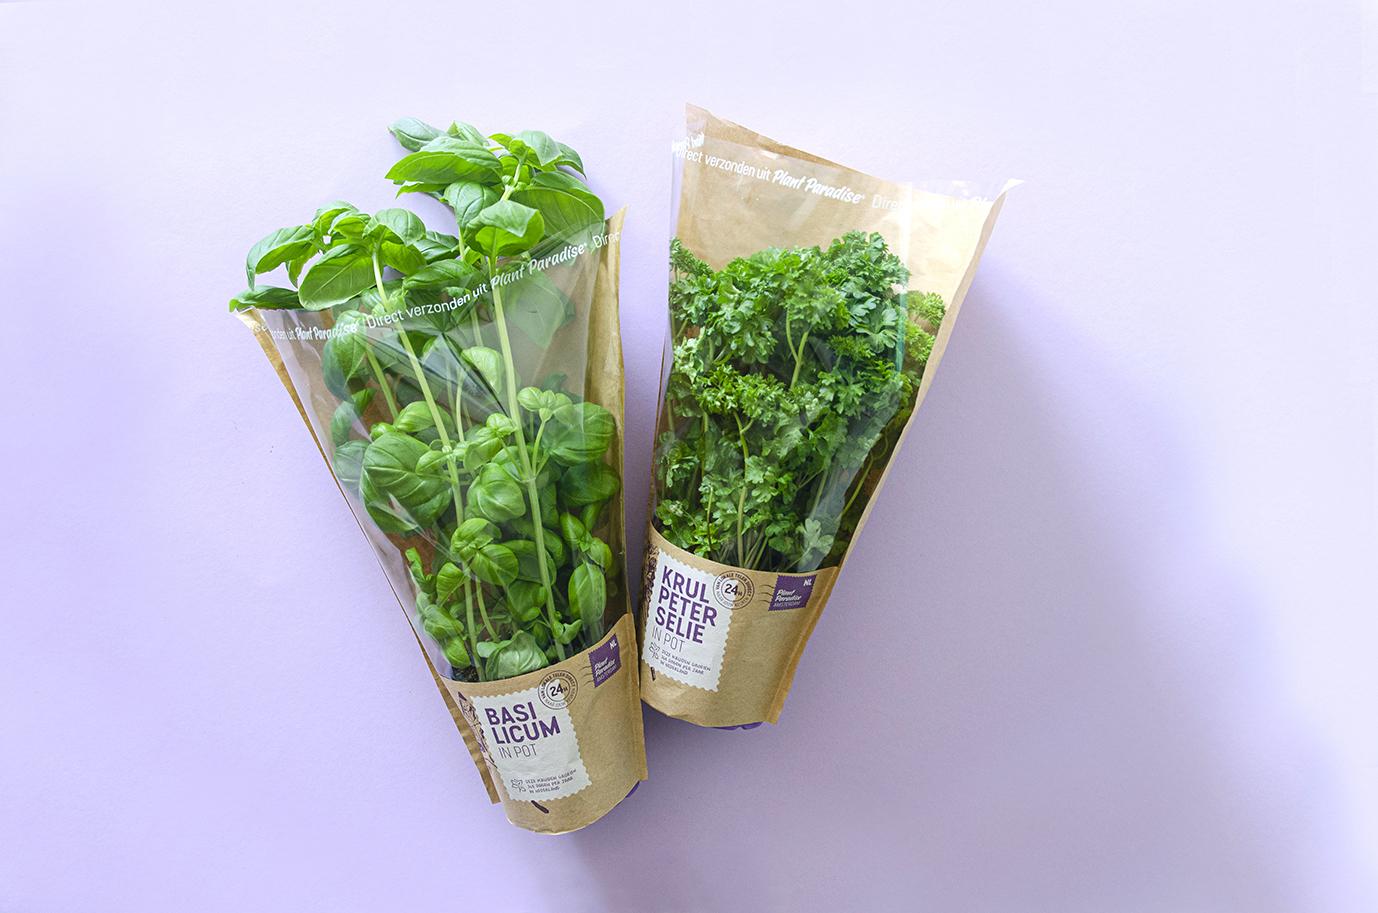 Verpakkingen van de verse potkruiden van Plant Paradise